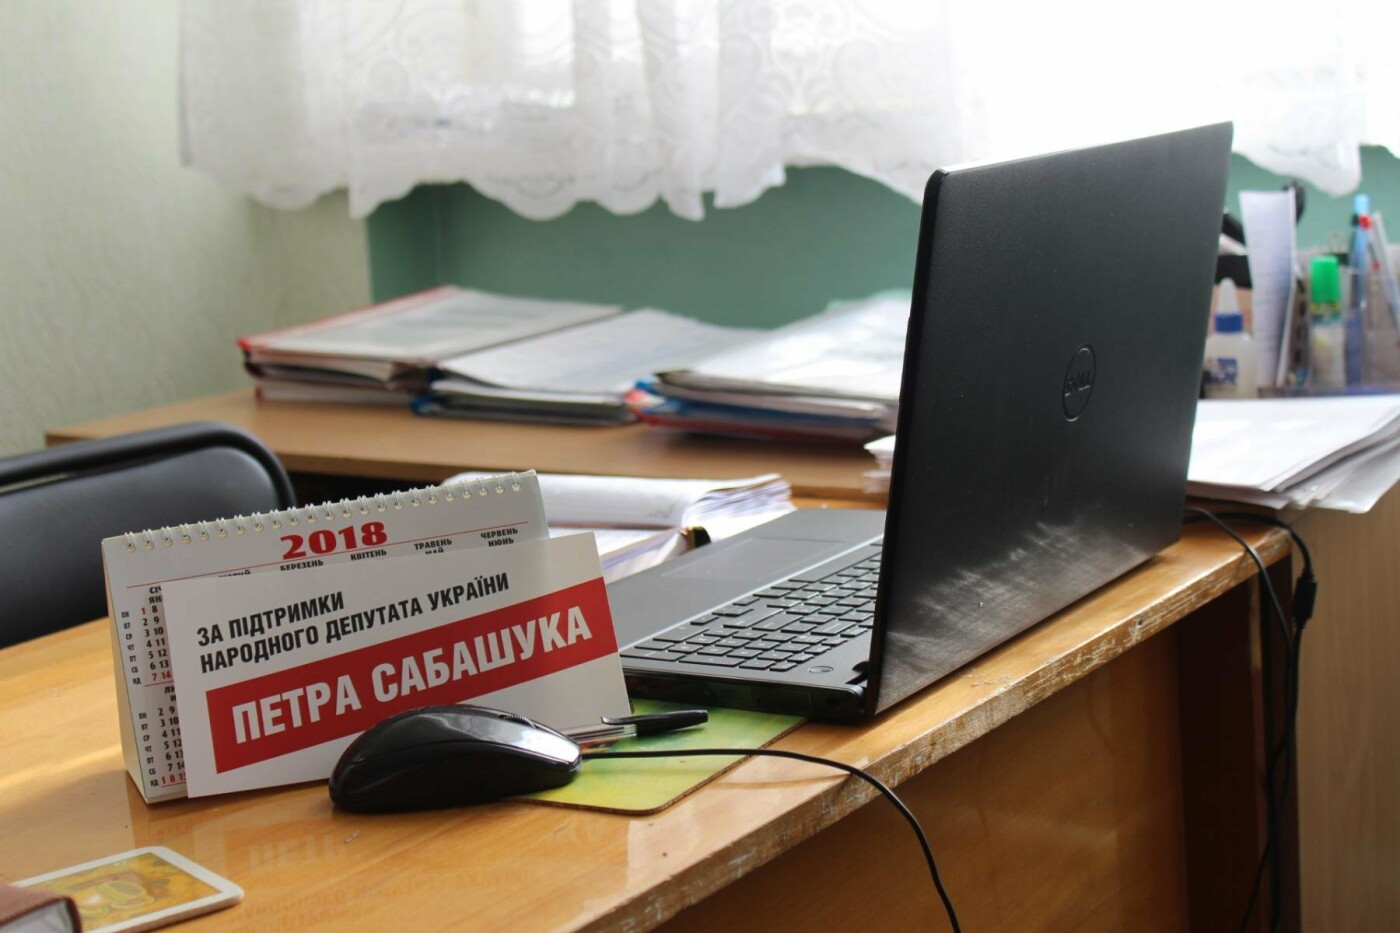 Техническое обновление классов и полная компьютеризация: народный депутат Петр Сабашук реализует свою программу малых дел в запорожской шко..., фото-9